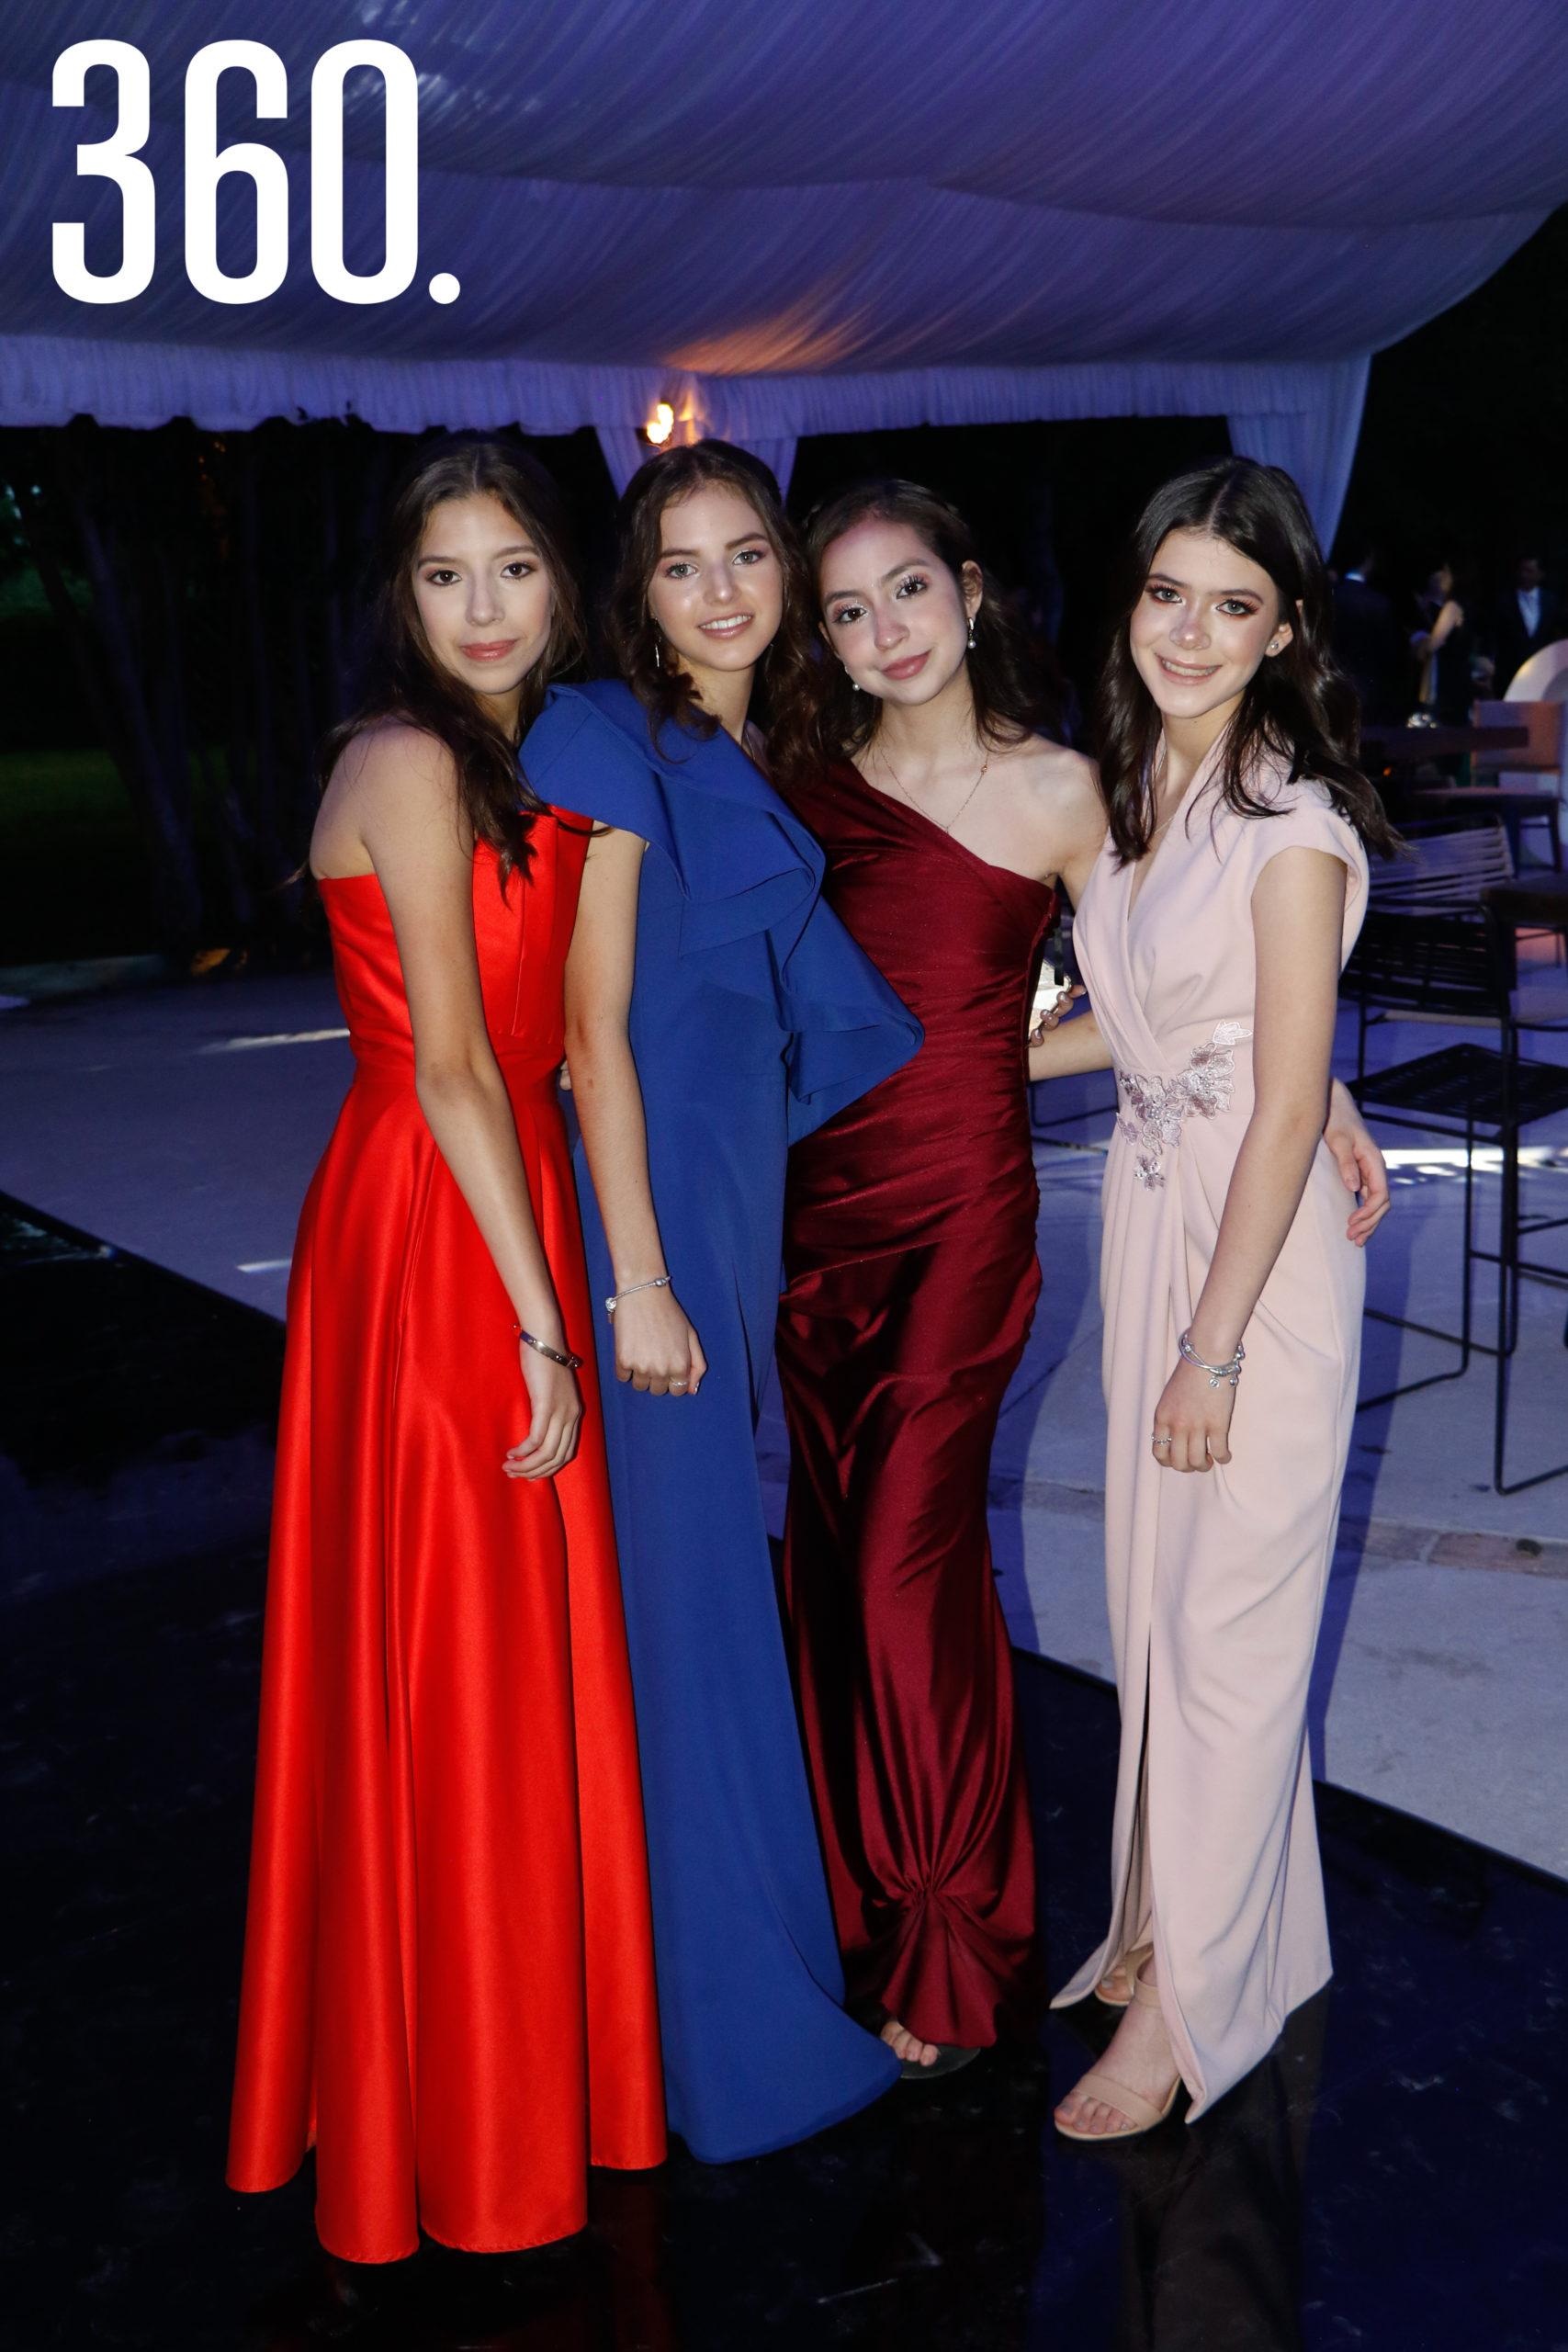 Yalile Rodríguez, Marifer Verduzco, Paula Fuentes y Jimena Basáñez.